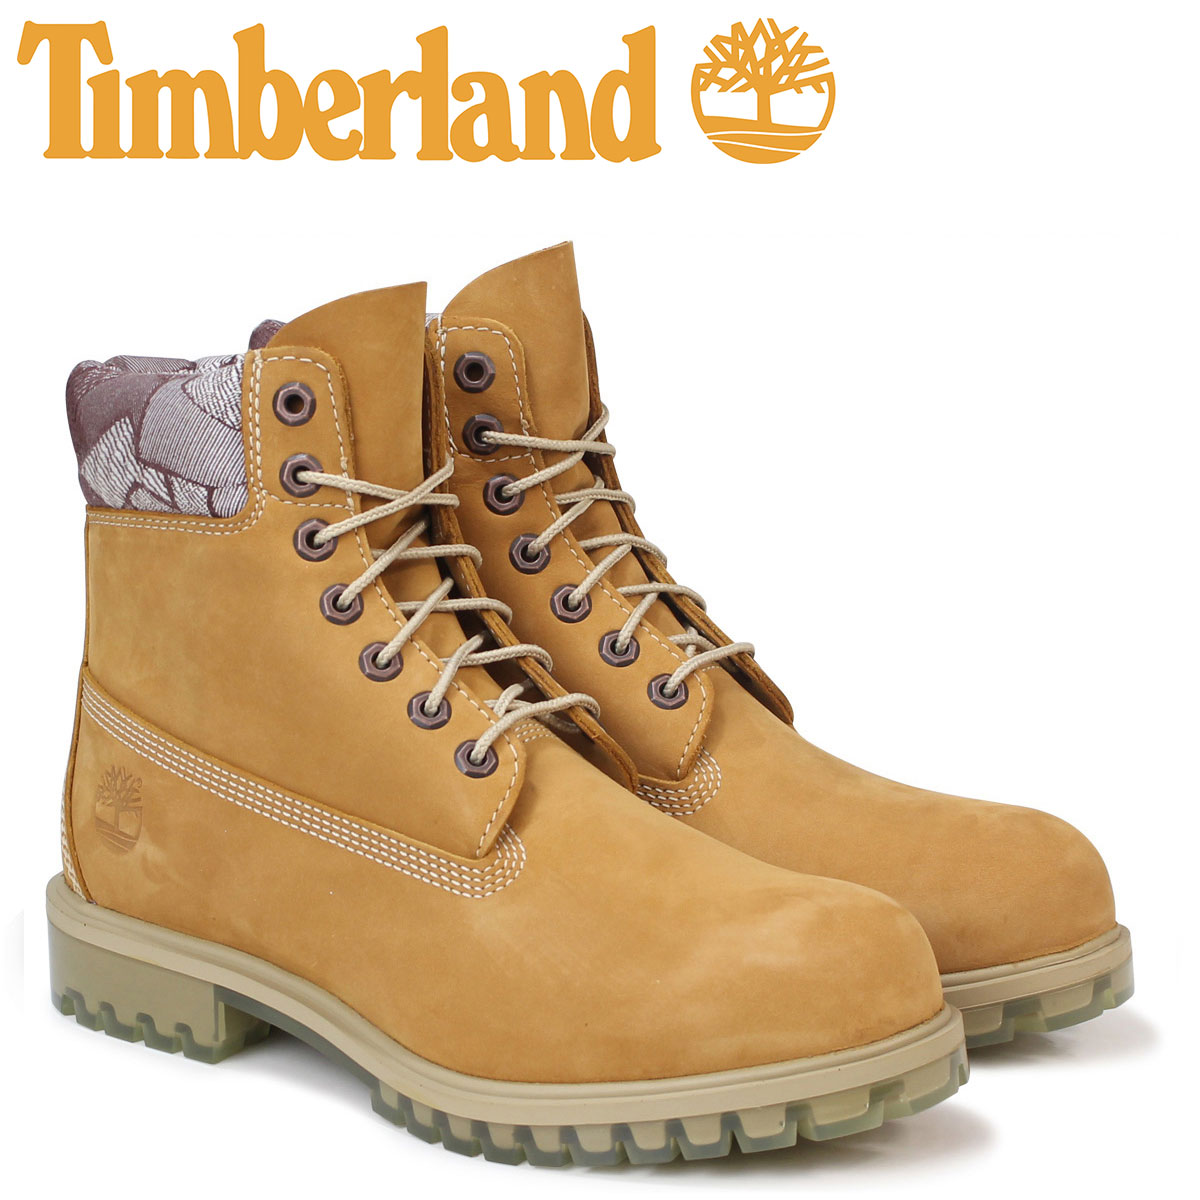 Timberland 6インチ メンズ ティンバーランド ブーツ プレミアム 6INCHI 6-INCH PREMIUM WATERPLOOF BOOTS A1GDZ Wワイズ ウィート 防水